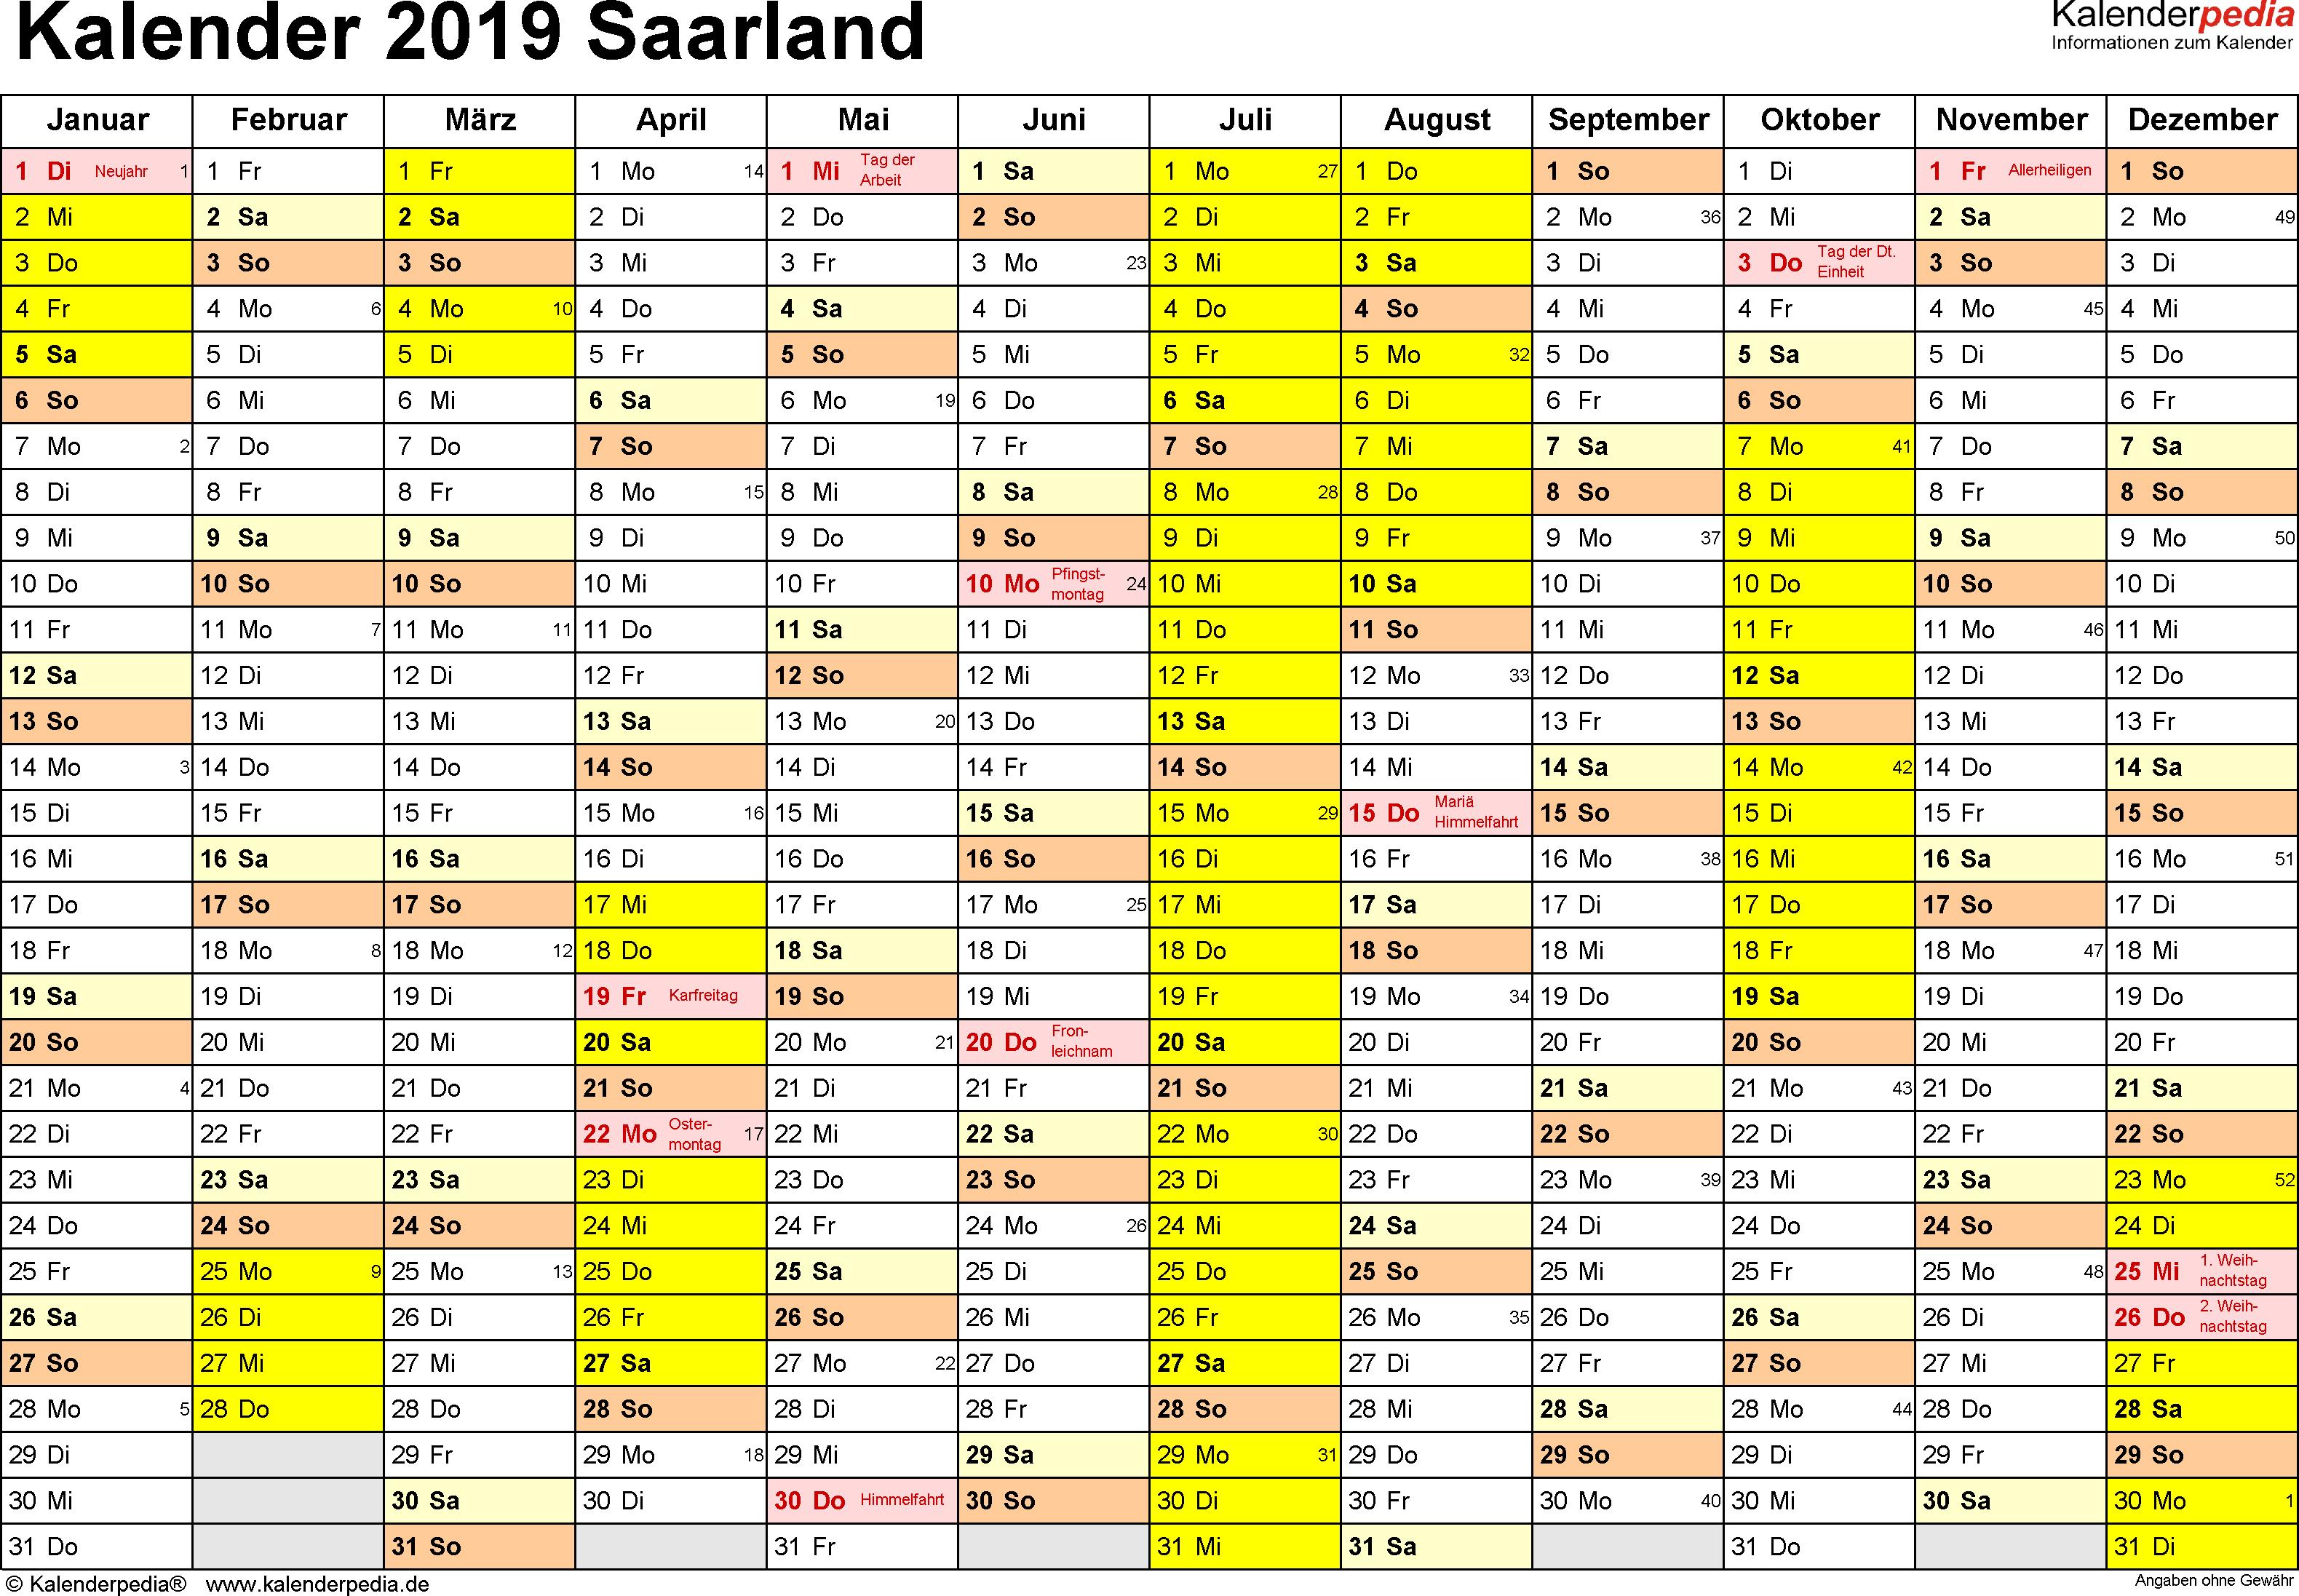 Vorlage 1: Kalender 2019 für Saarland als Excel-Vorlagen (Querformat, 1 Seite)